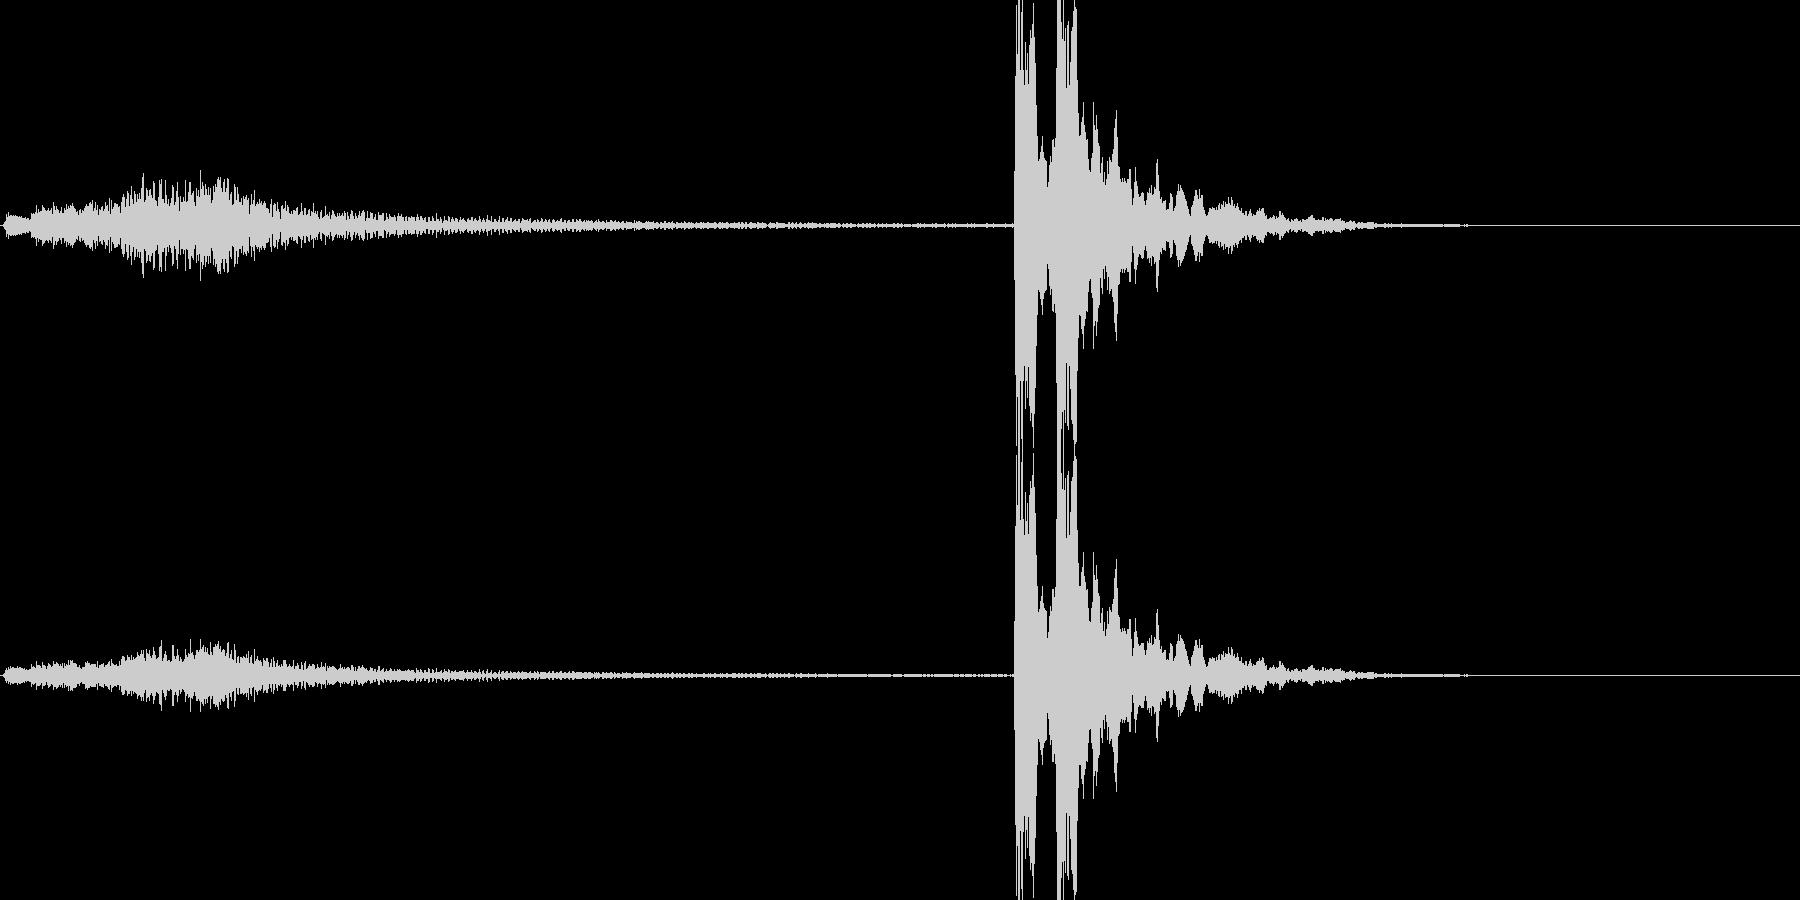 「シャララララン ポポン(琴と鼓)」の未再生の波形